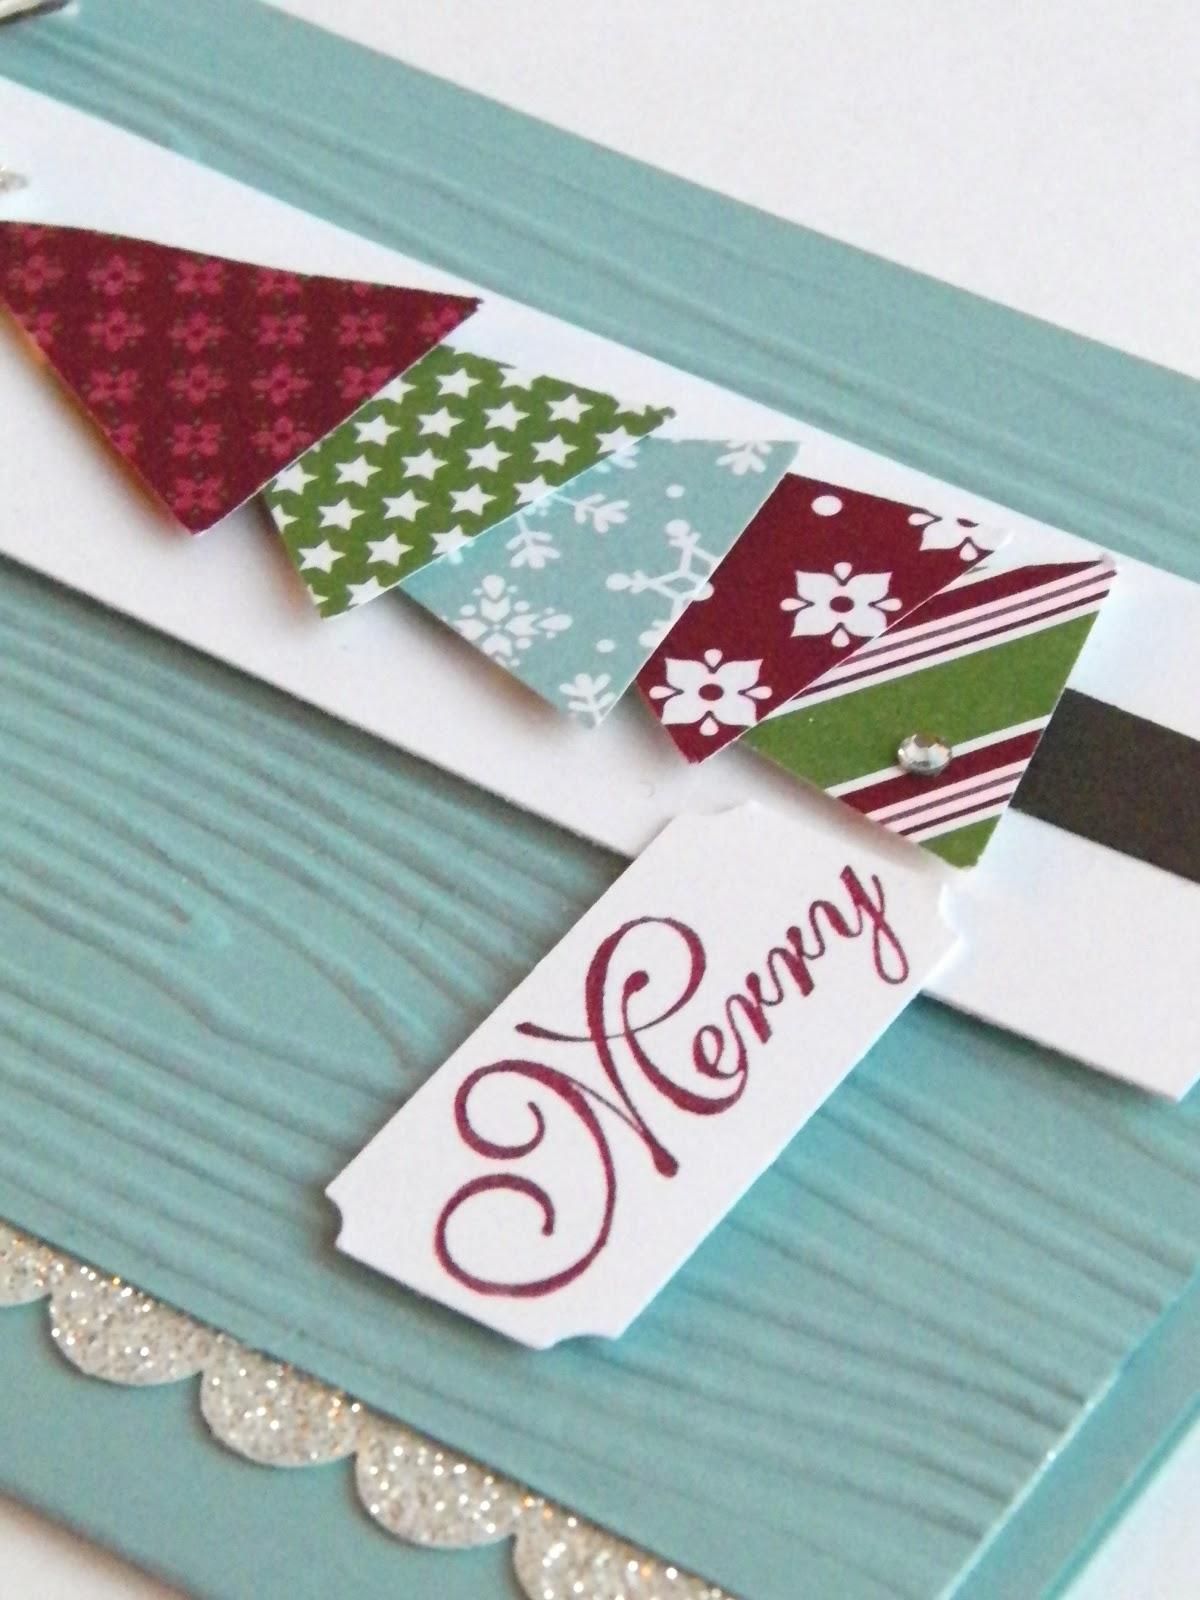 Stamp 2 linotte utilisez vos papiers imprim s pour vos cartes de voeux - Carte de noel fait main ...